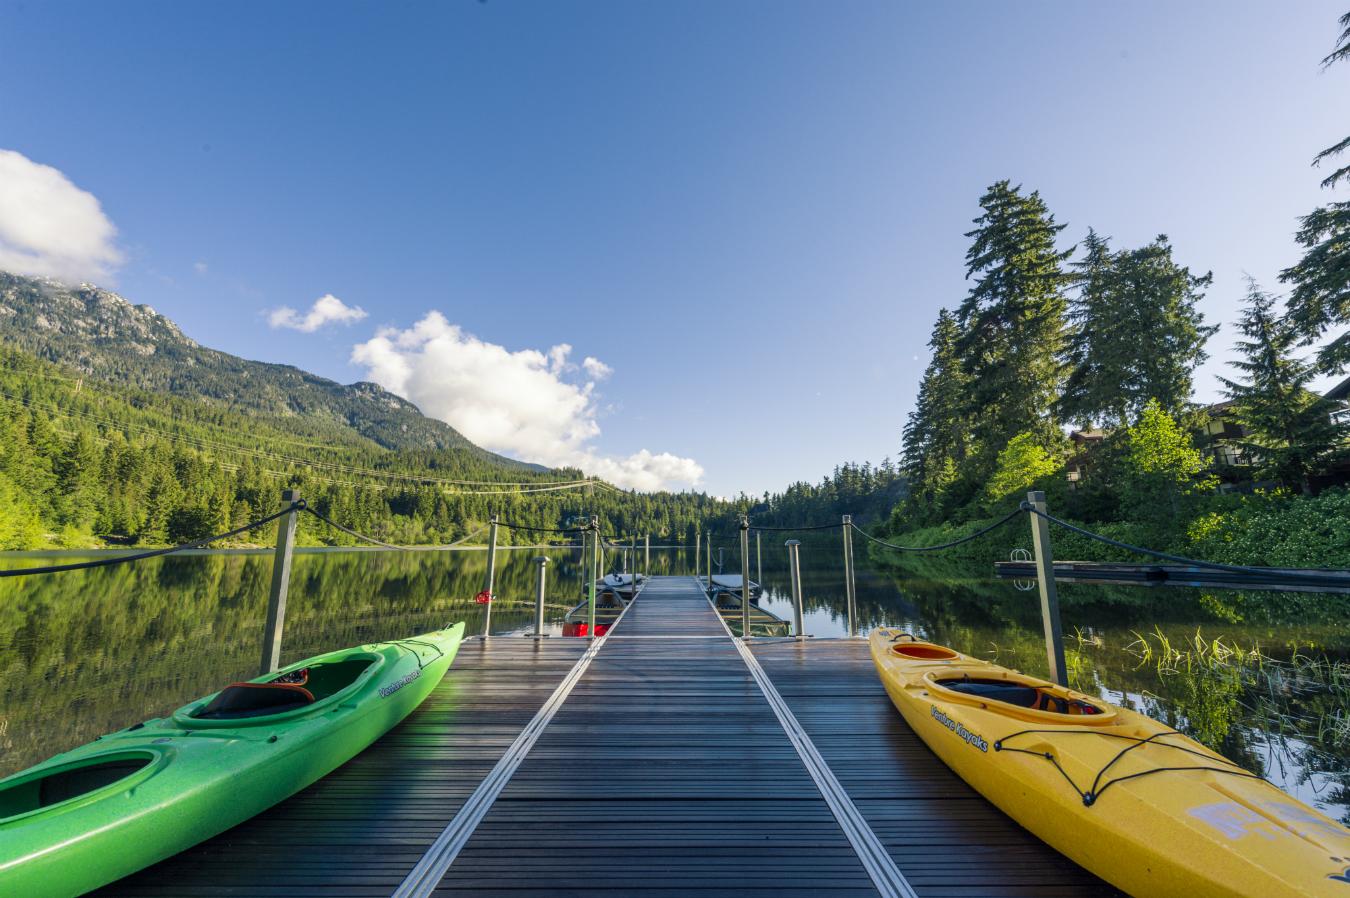 summer at nita lake lodge